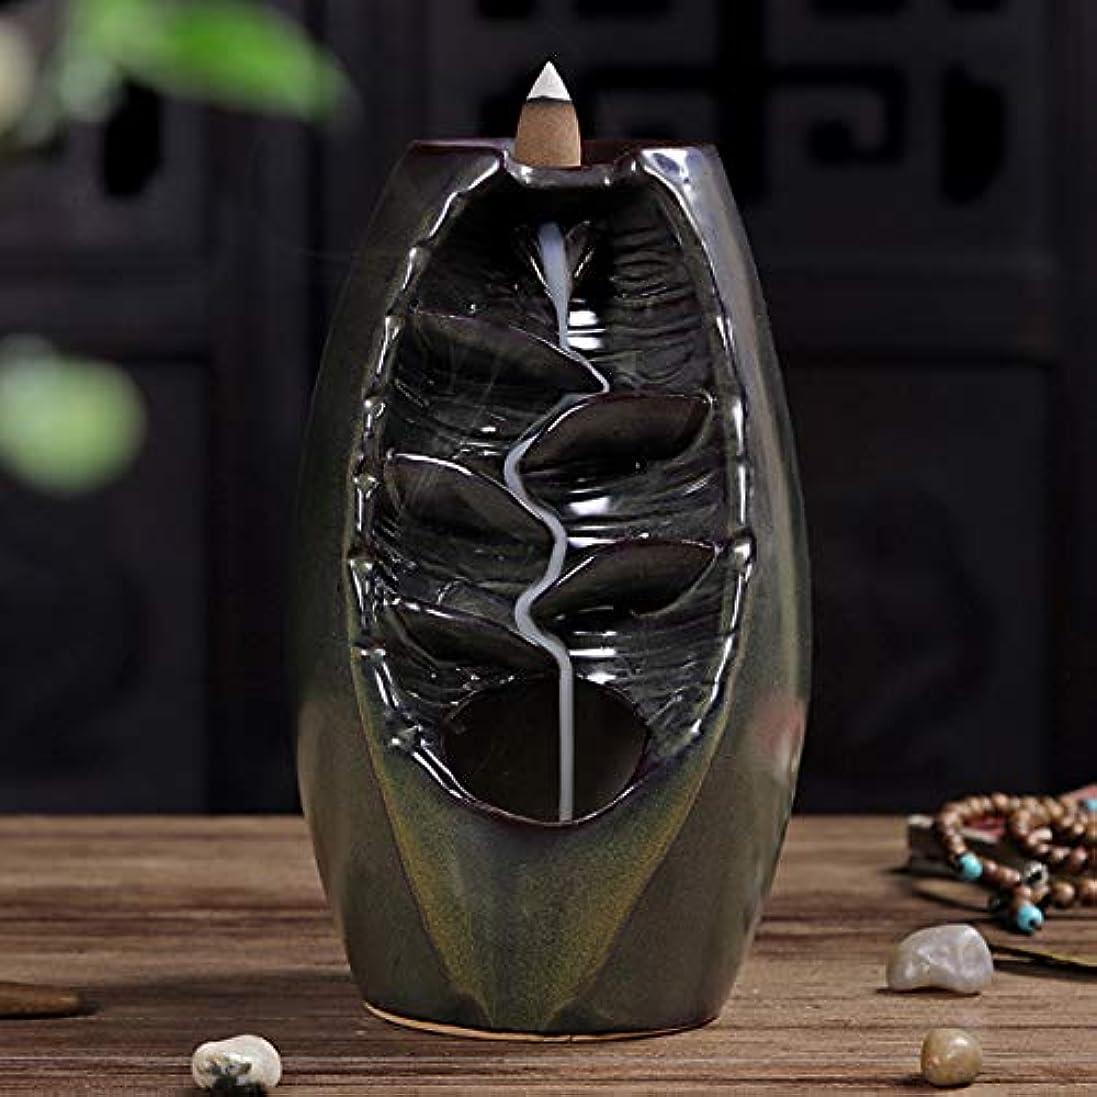 家ディスパッチ買い手Vosarea 逆流香バーナー滝香ホルダーアロマ飾り仏教用品(茶)